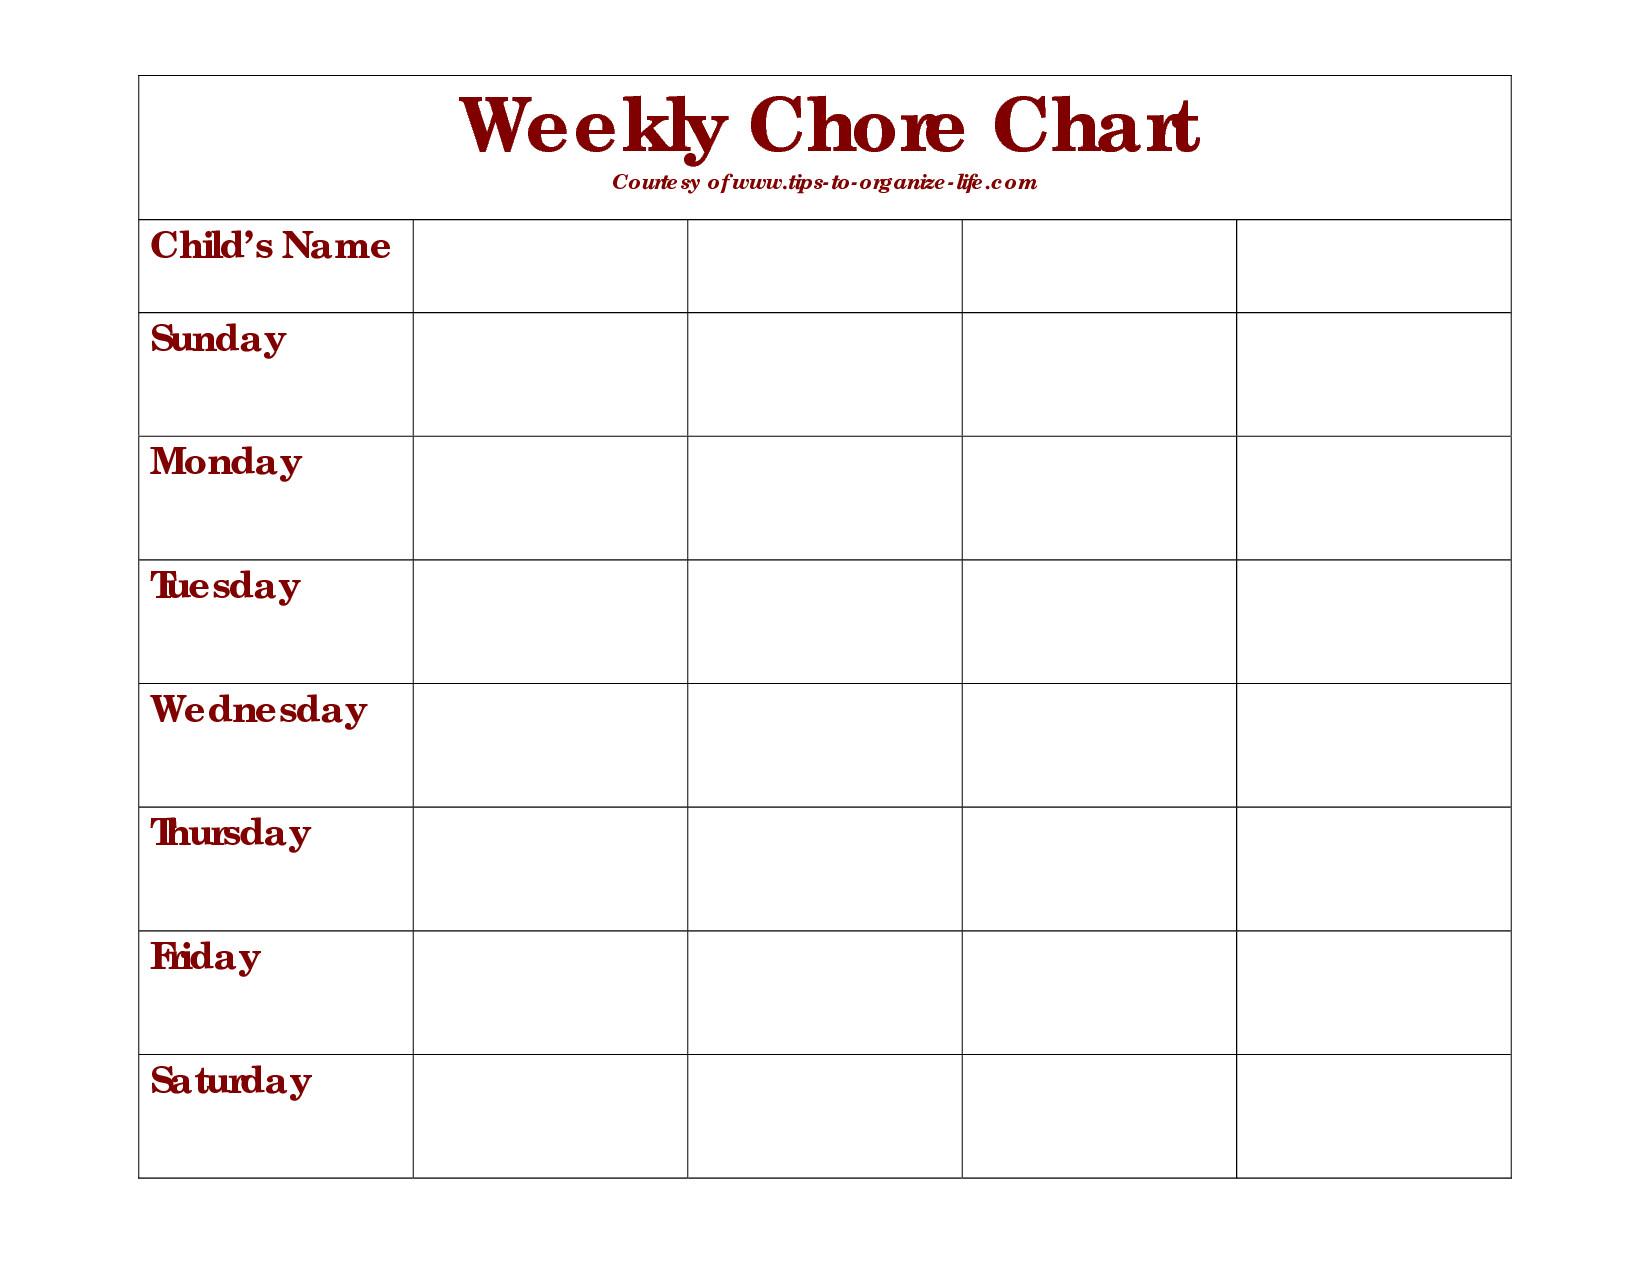 Weekly Chore Chart Printable Weekly Chore Chart